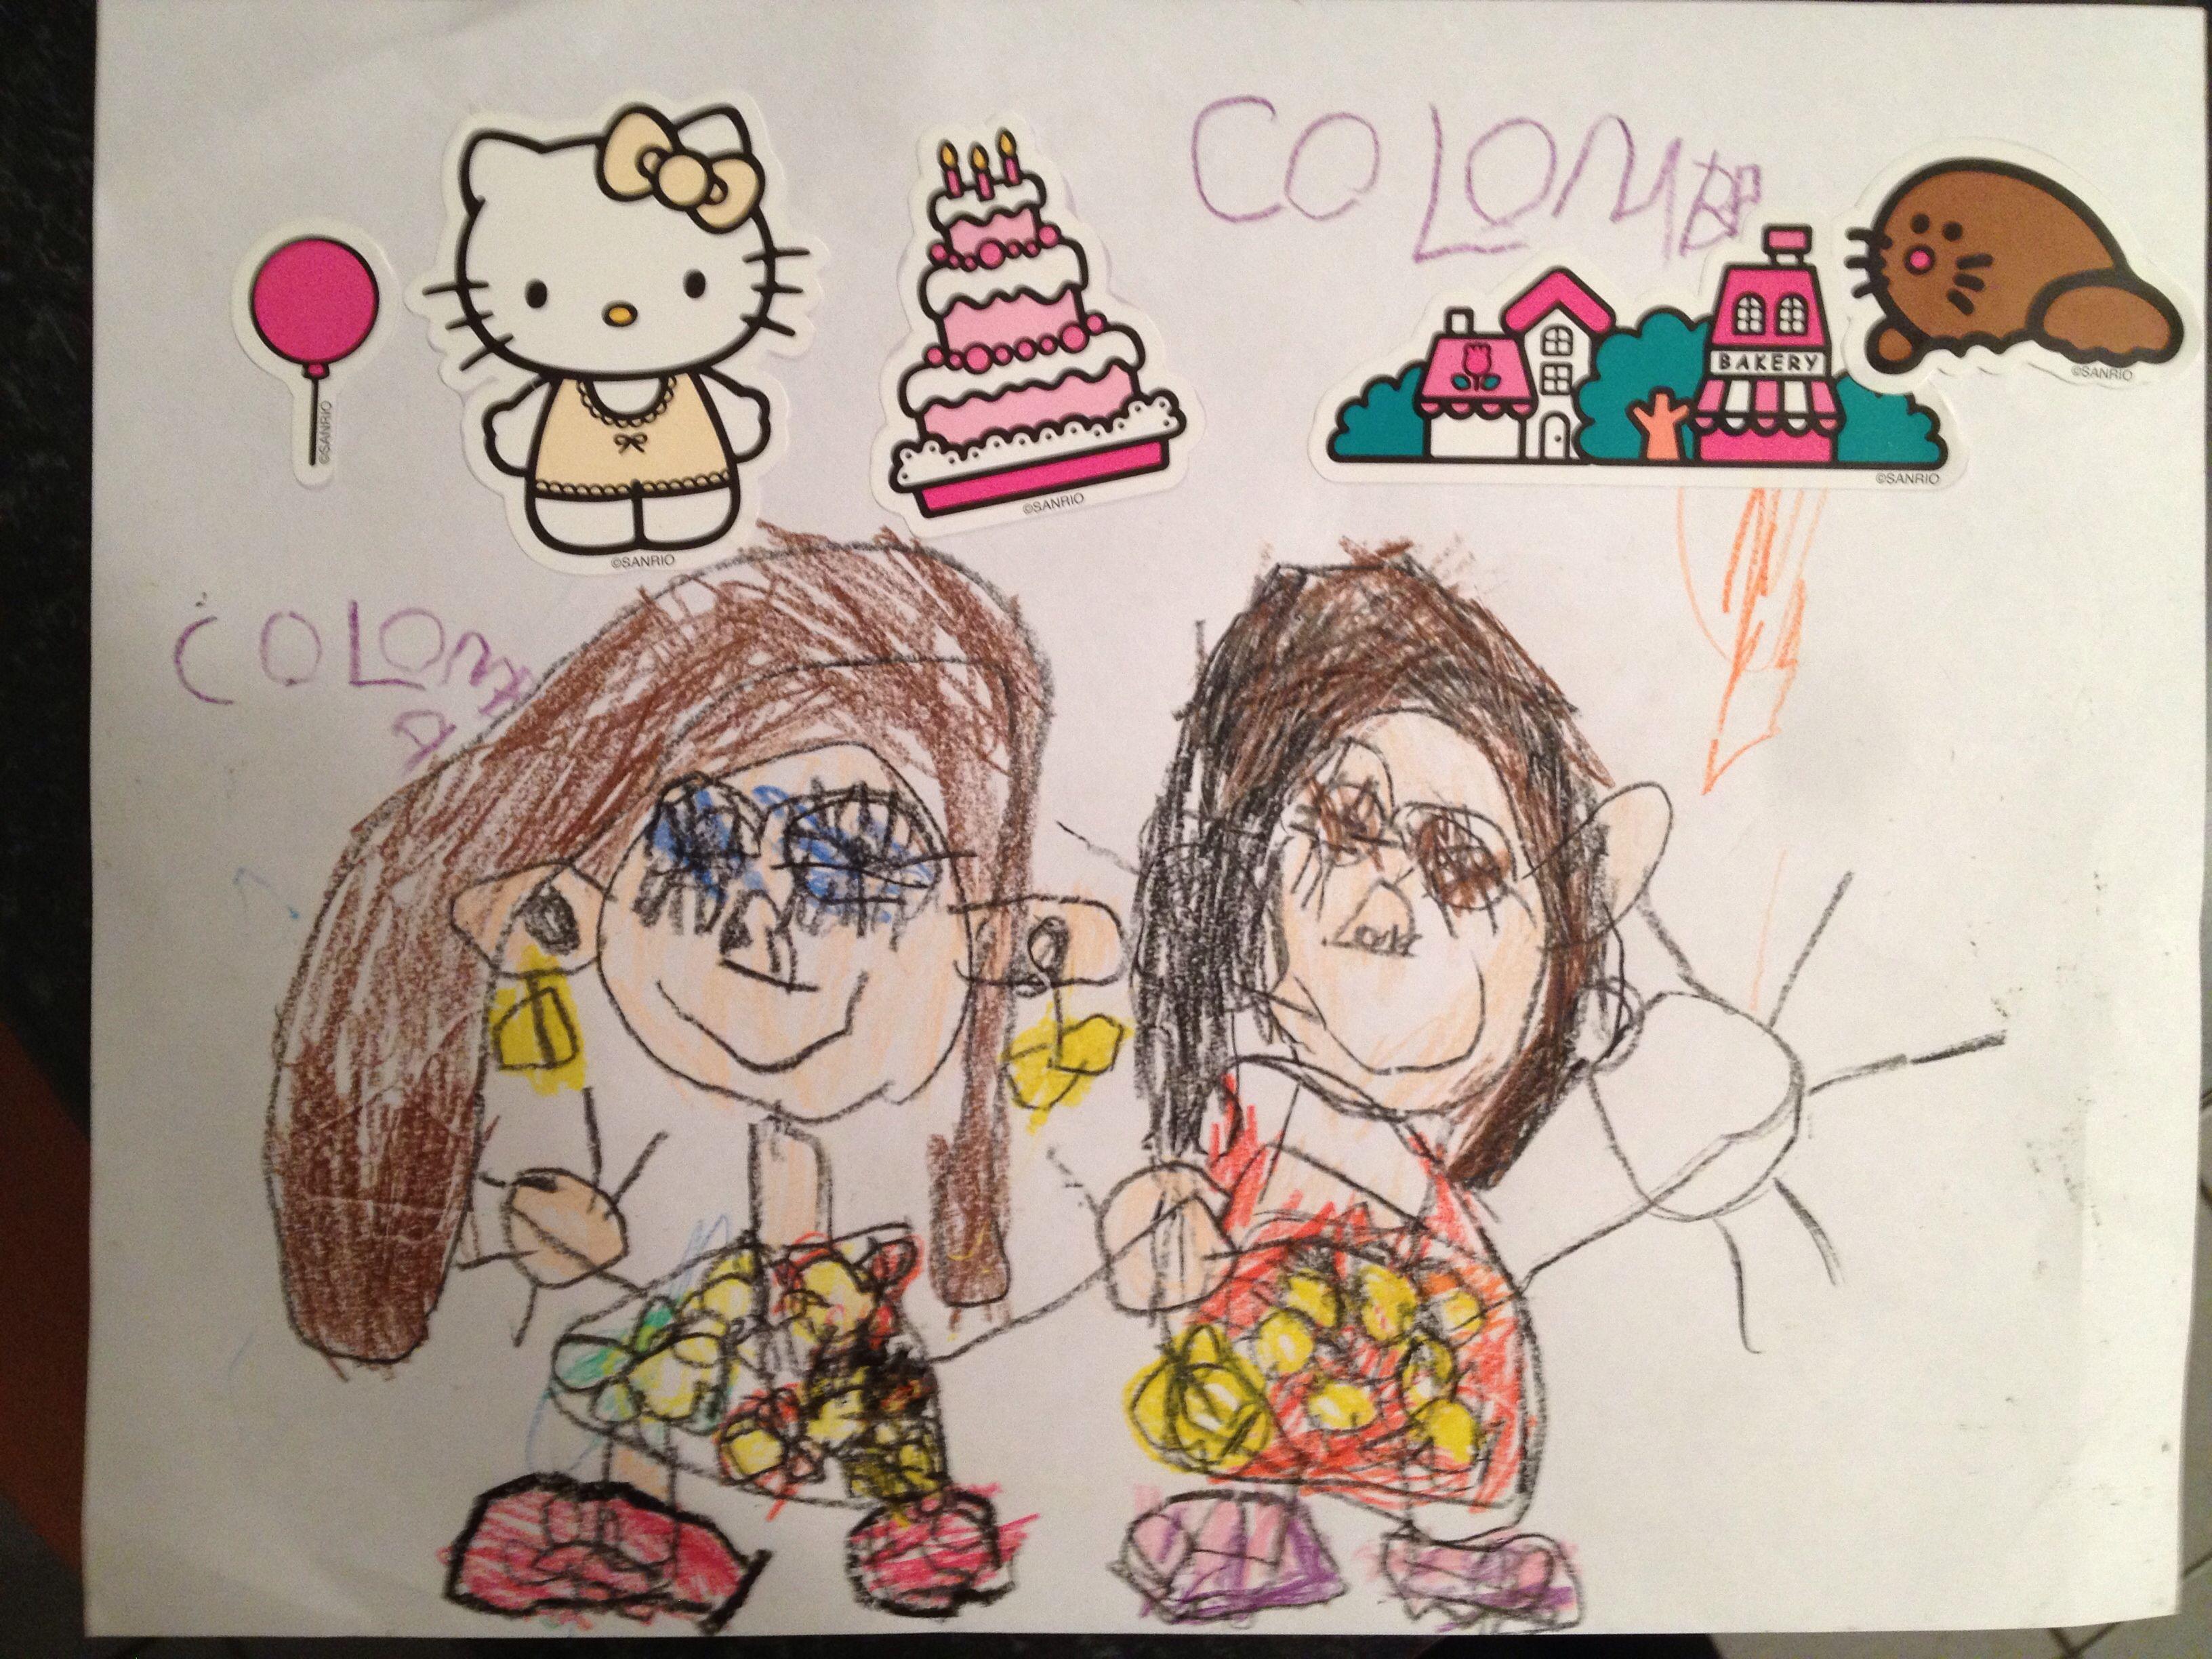 Colomba y su amiga Josefa 2014